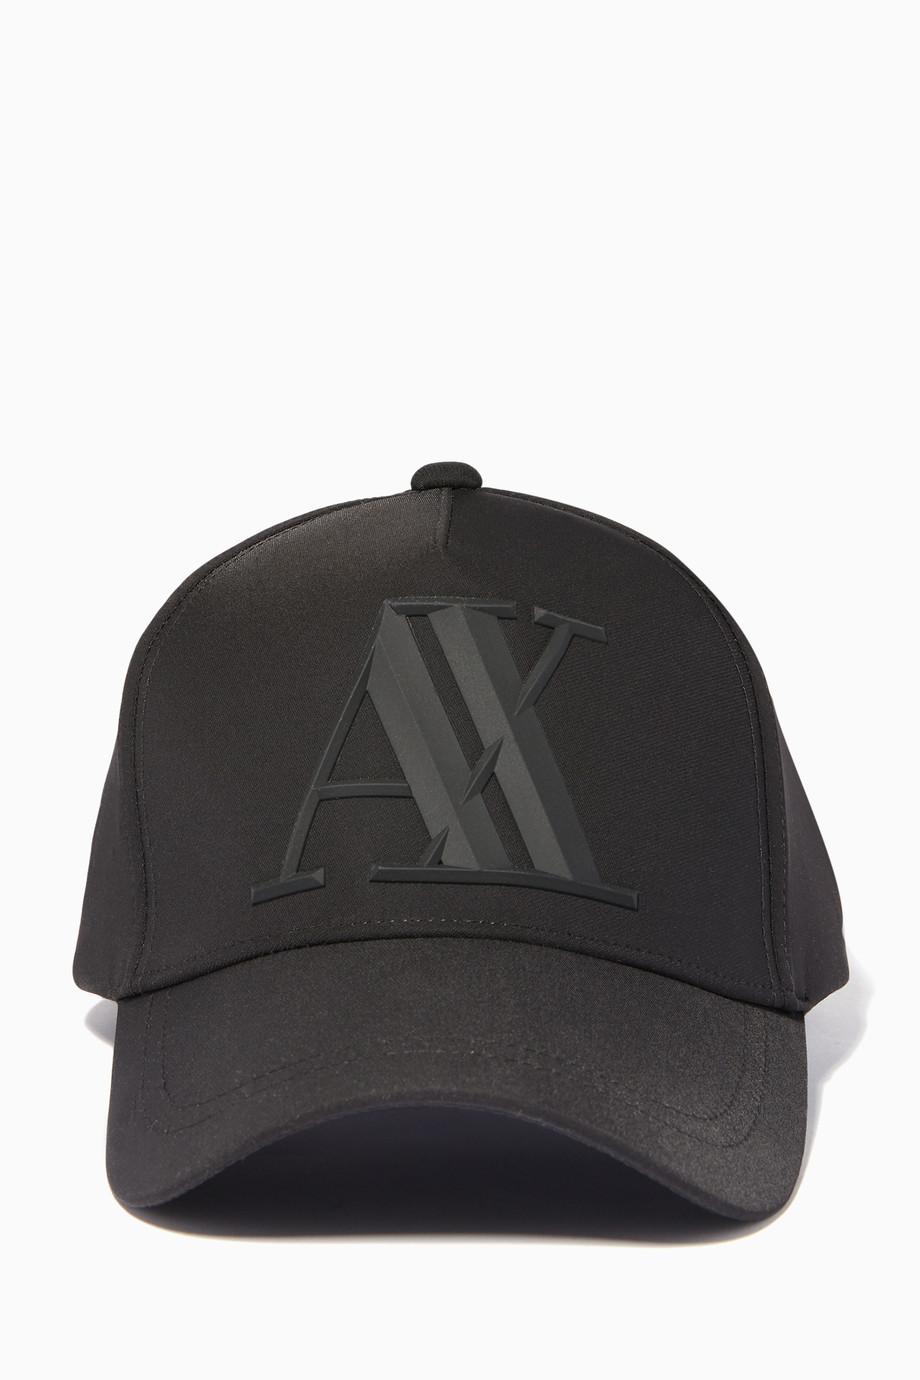 fc28bb2c2 Black Roman Cap Black Roman Cap Black Roman Cap. Armani Exchange